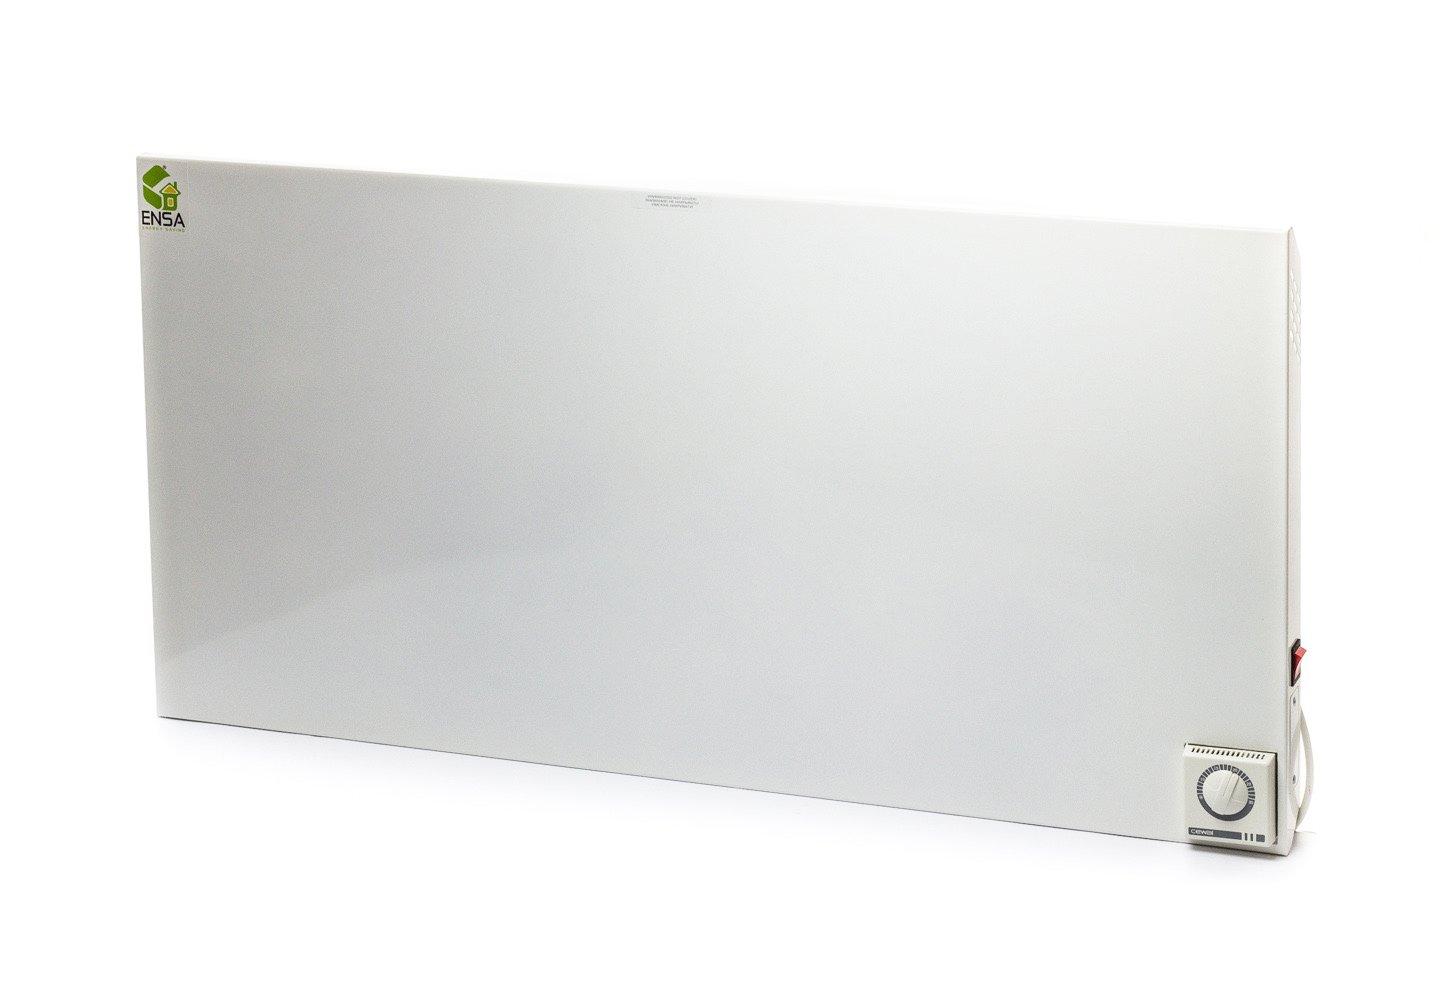 Инфракрасное отопление: обогреватель потолочный для частного дома и панели тепловые